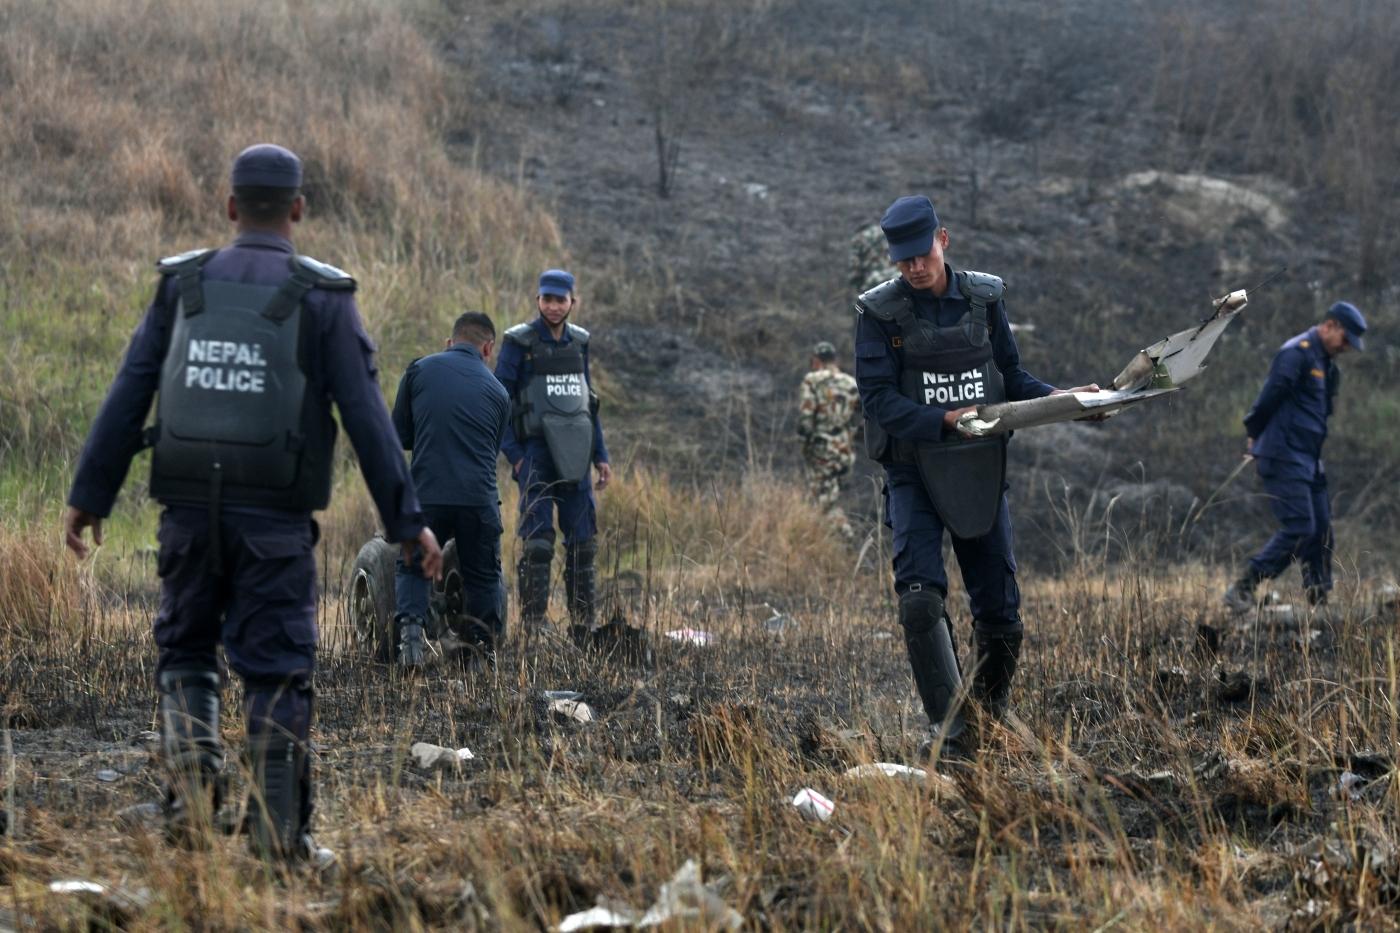 Resultado de imagem para Queda de avião no Nepal deixa quase 50 mortos